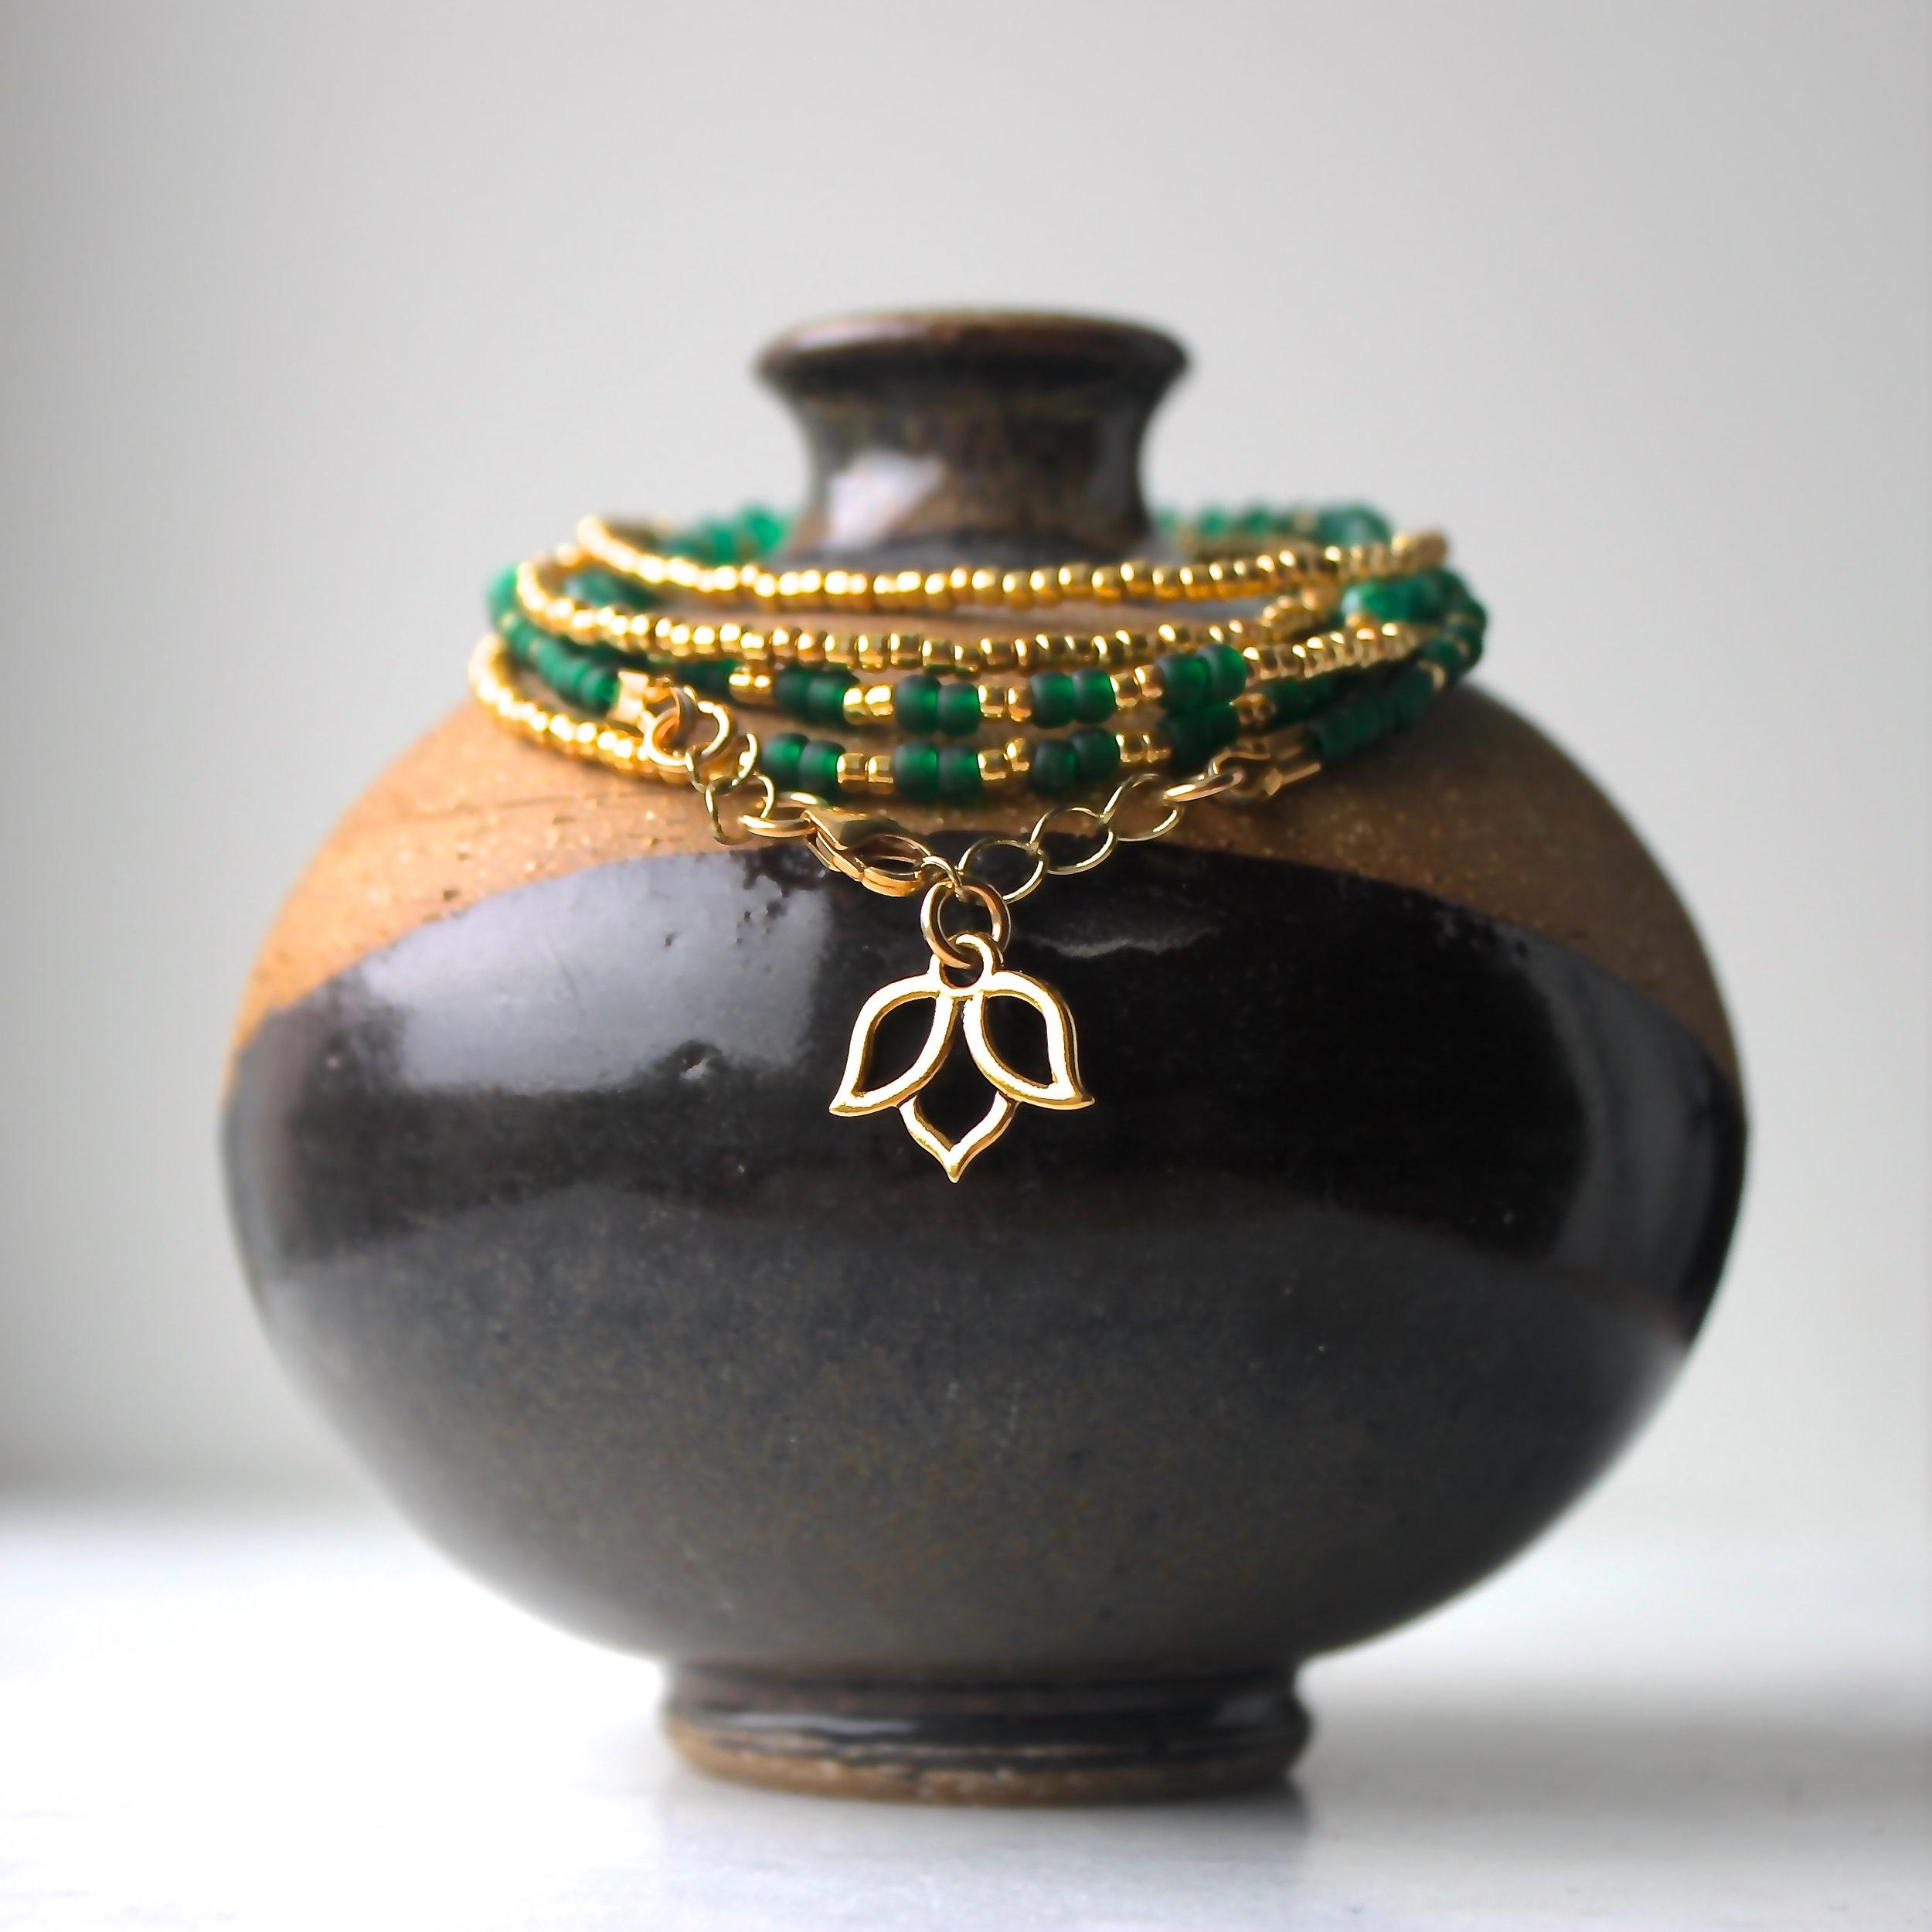 Prairiefunk   Elegant Earthy Jewelry, Inspired